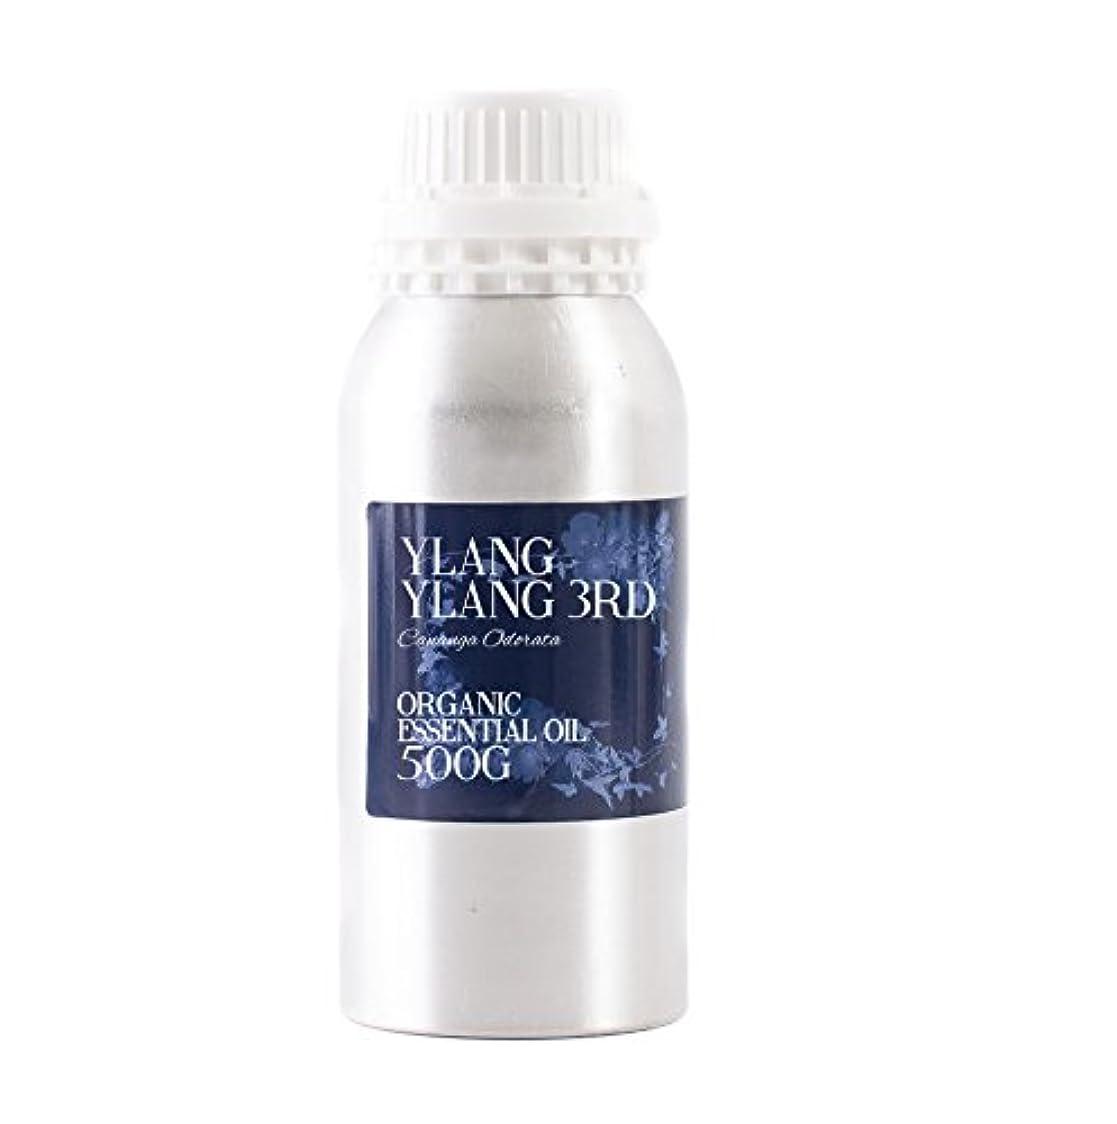 チラチラするグリップ優越Mystic Moments | Ylang Ylang 3rd Organic Essential Oil - 500g - 100% Pure